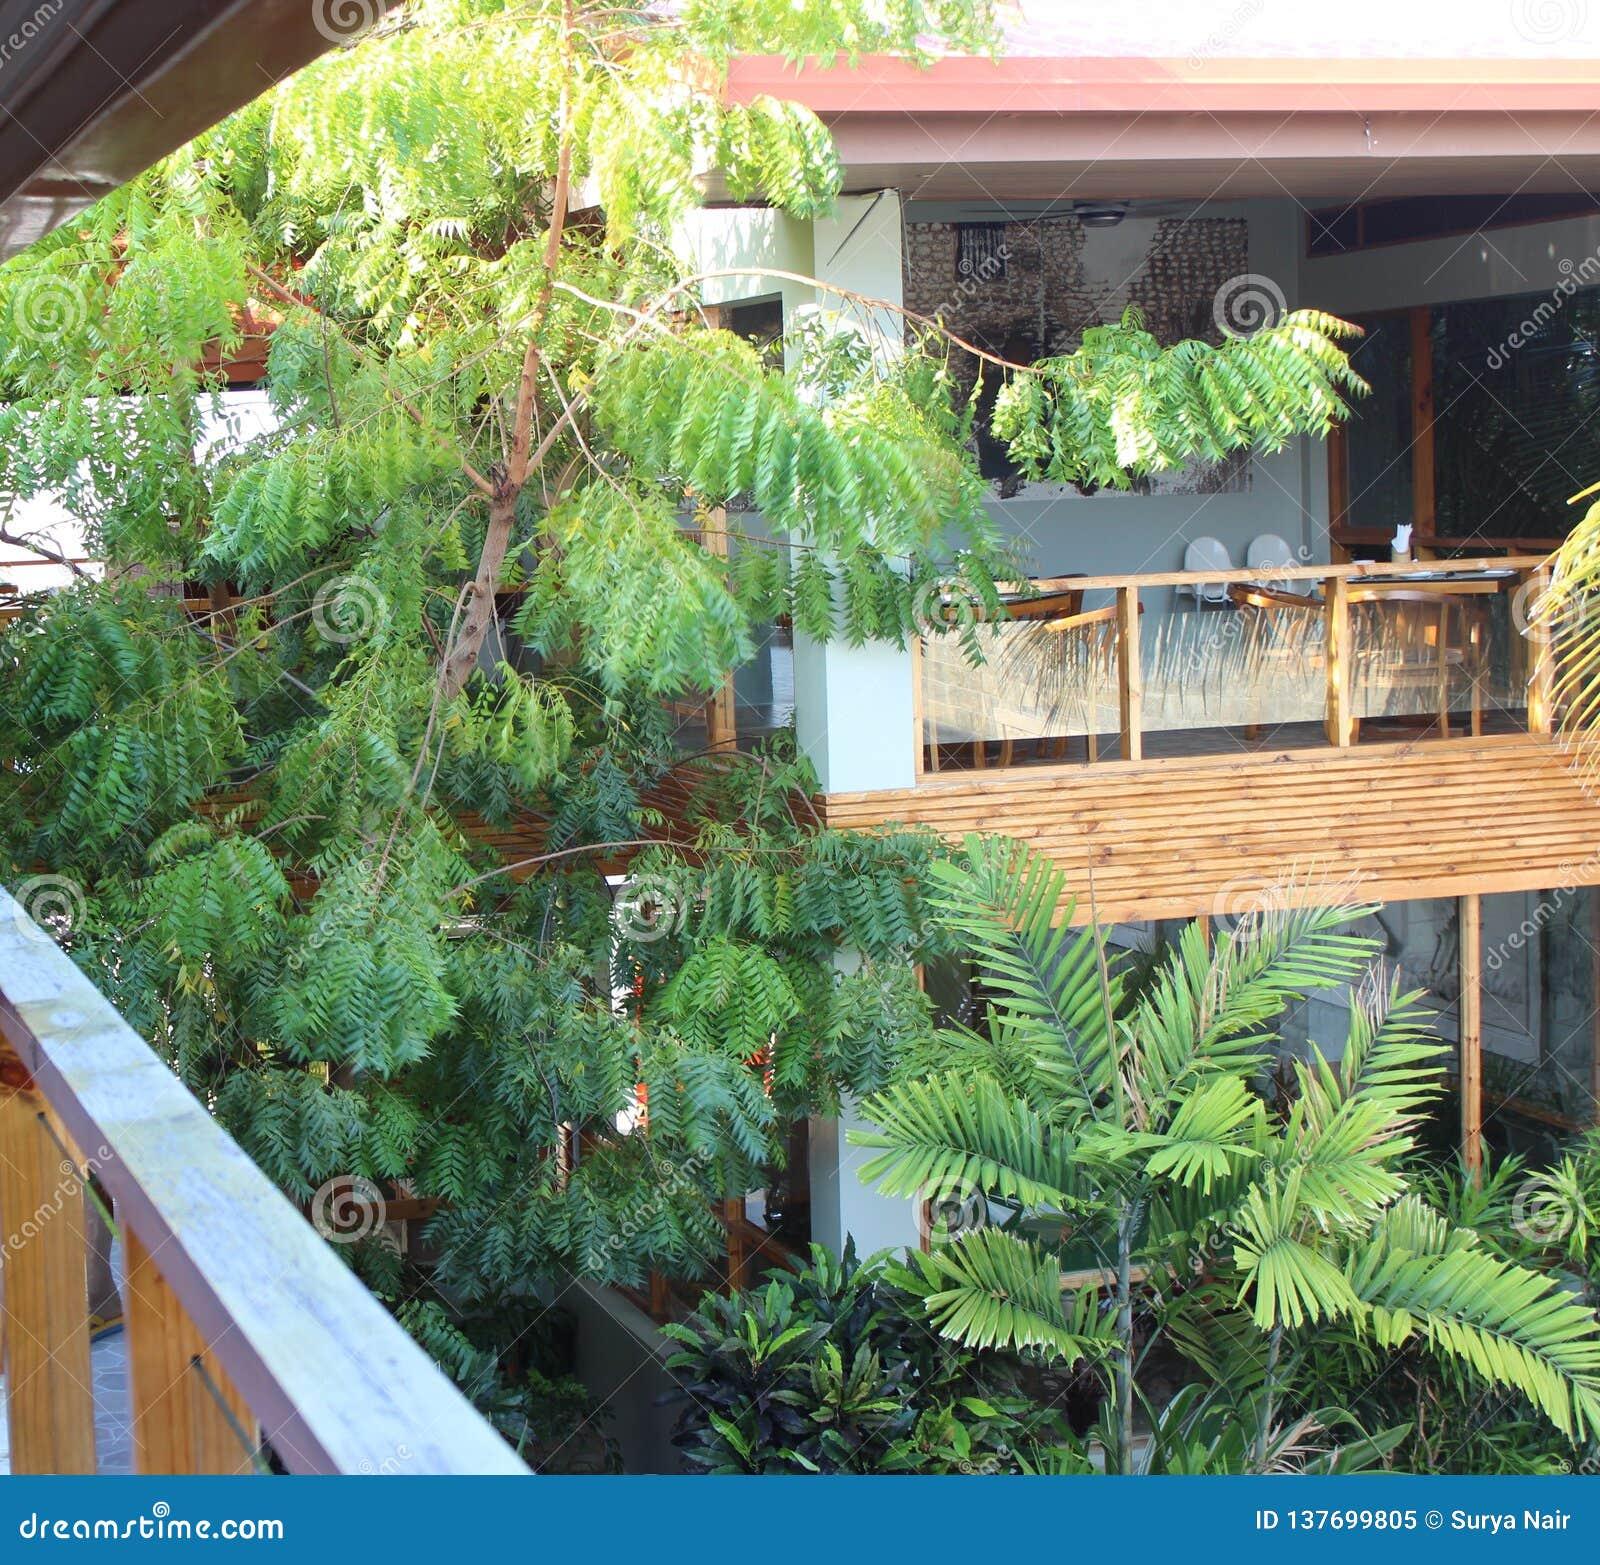 Ansicht vom Balkon, von der Terrasse, die im Hof übersehen und von einem Restaurant, das Bäume und Büsche hat